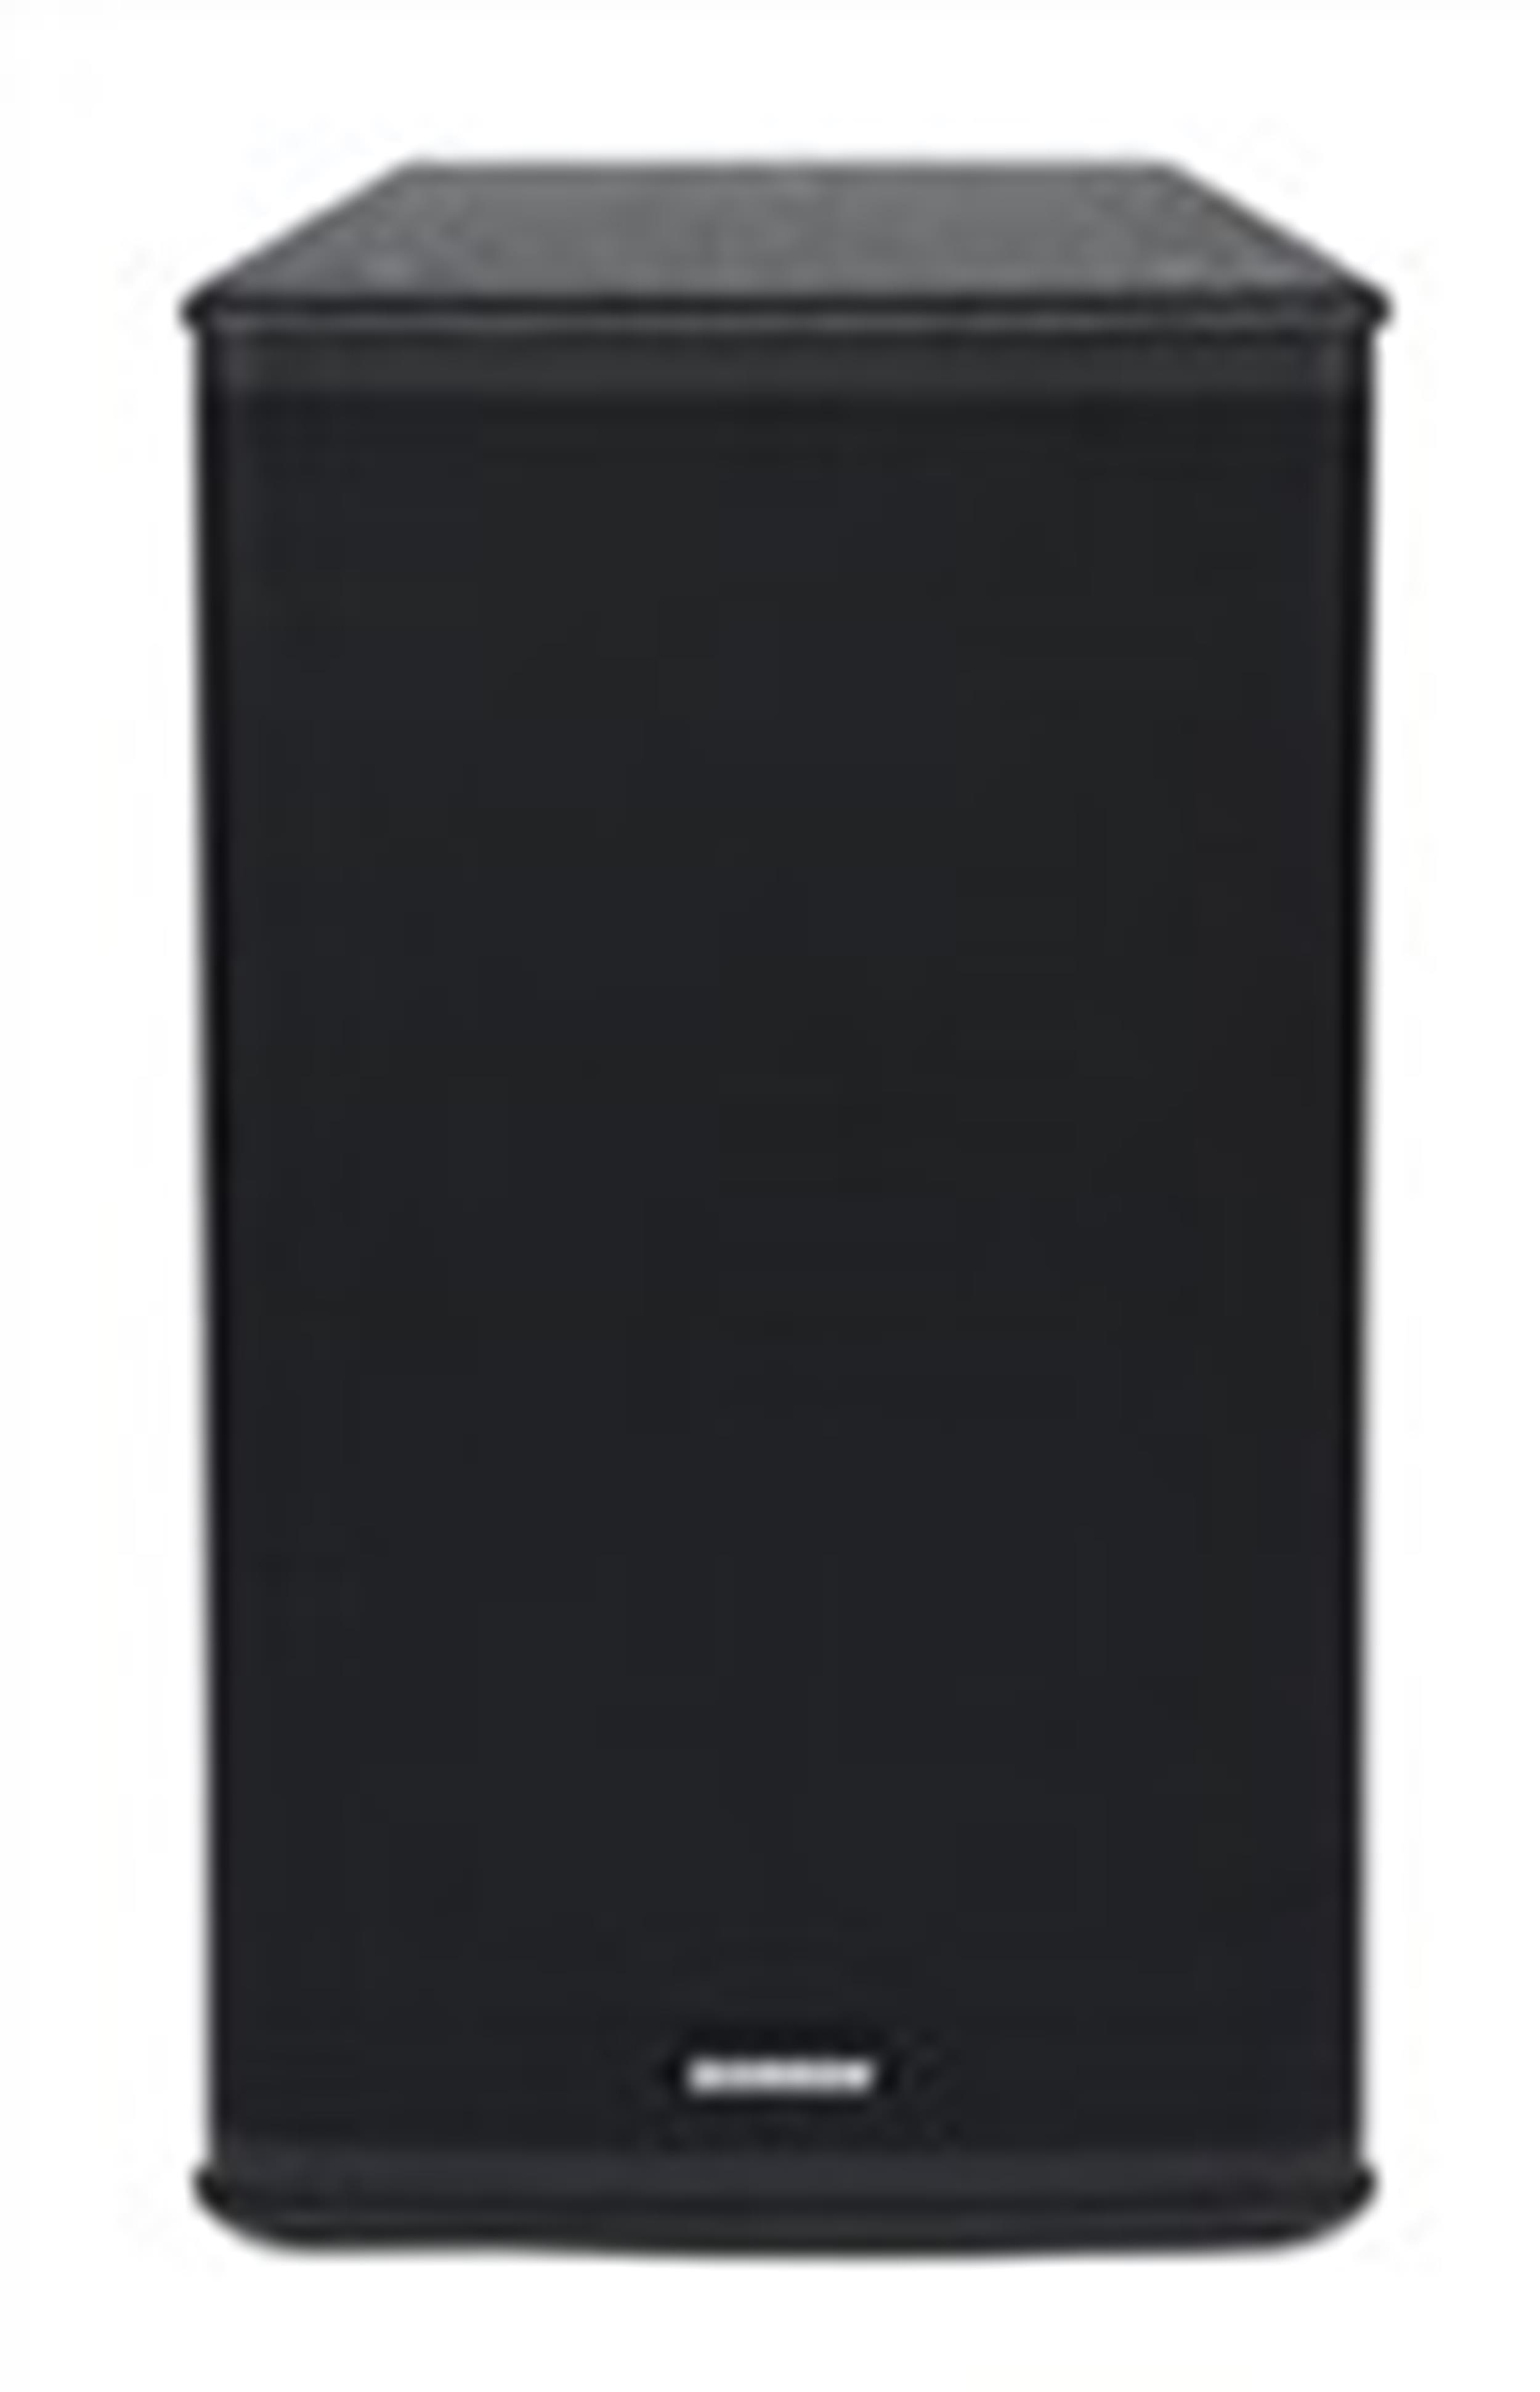 Samson-RSX115-Diffusore-Passivo-600W-sku-7643280605001